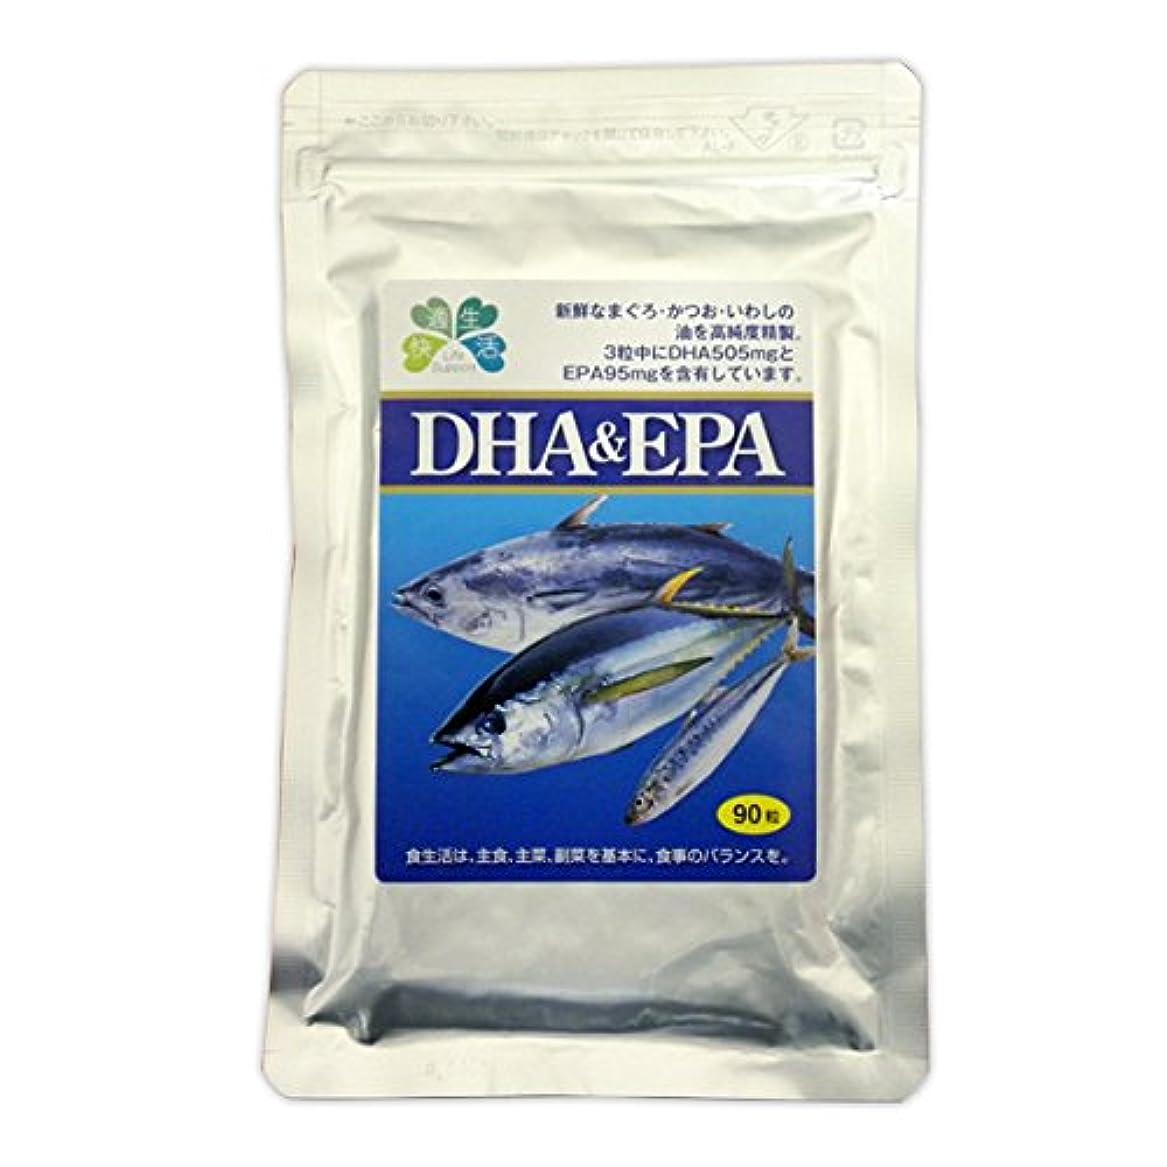 翻訳者分散内側快適生活 DHA&EPA 4袋